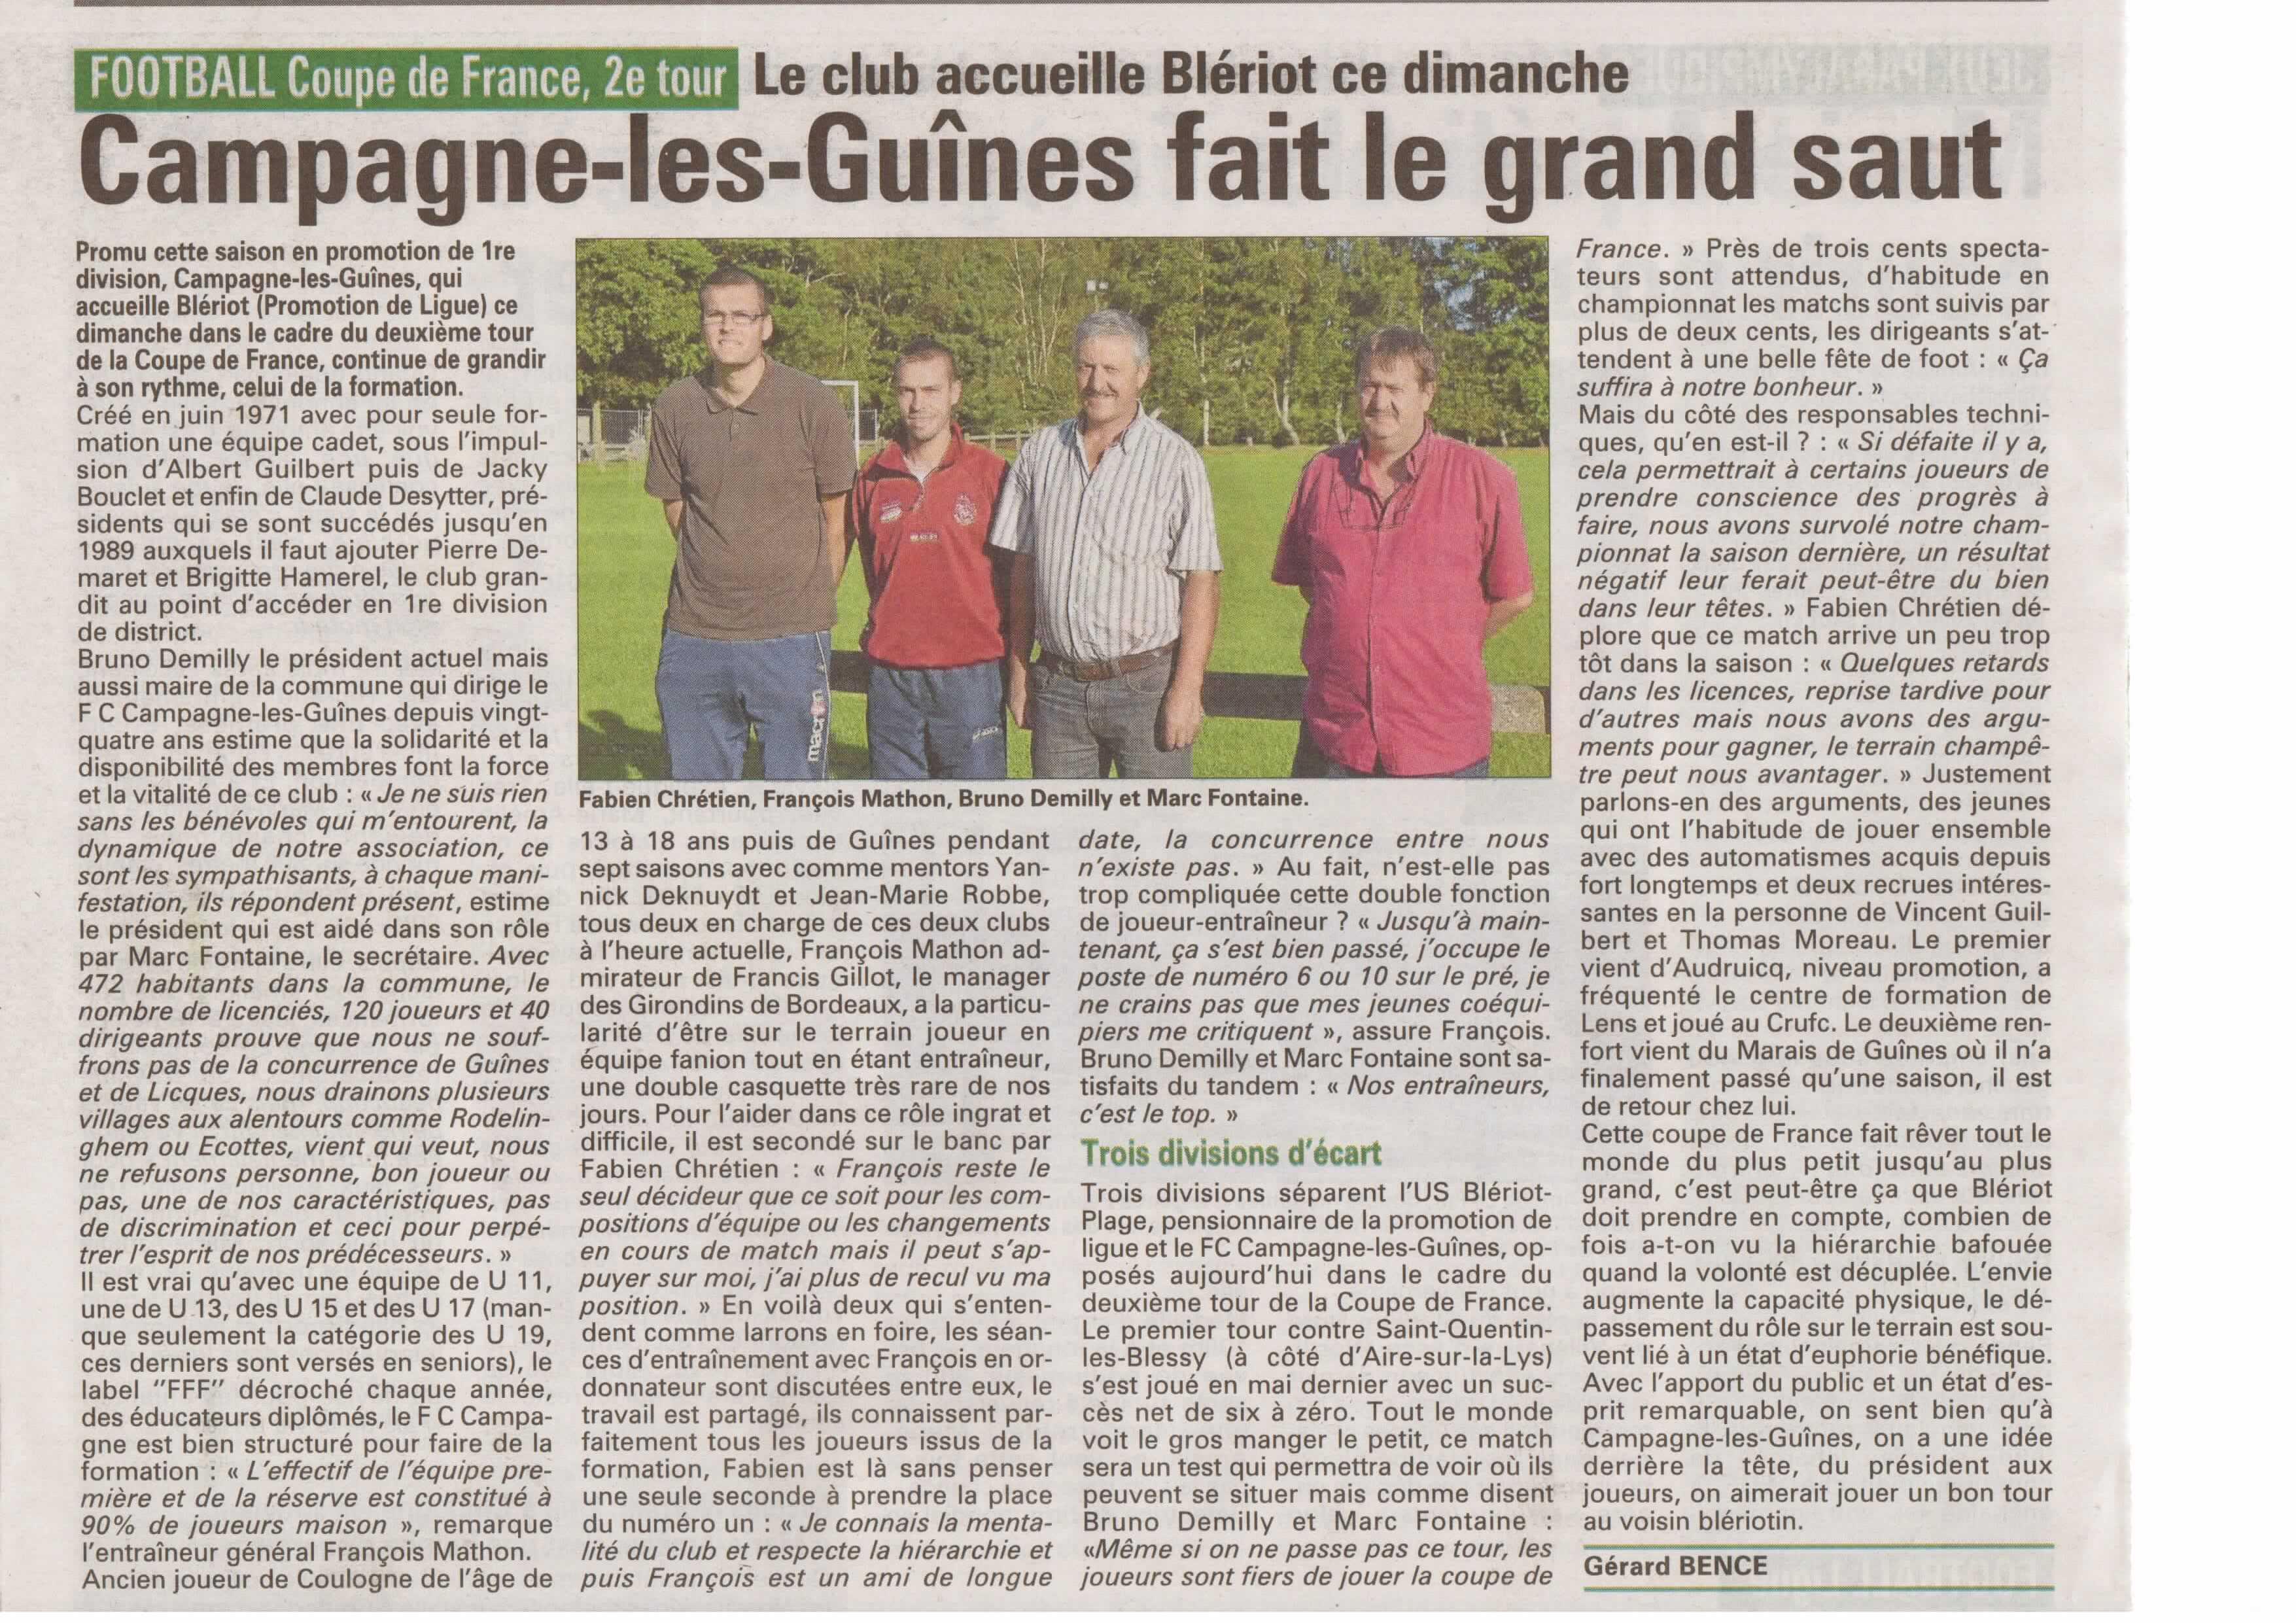 2 me tour de la coupe de france 2012 2013 club football fc campagne les guines footeo - Coupe de france 2012 2013 ...